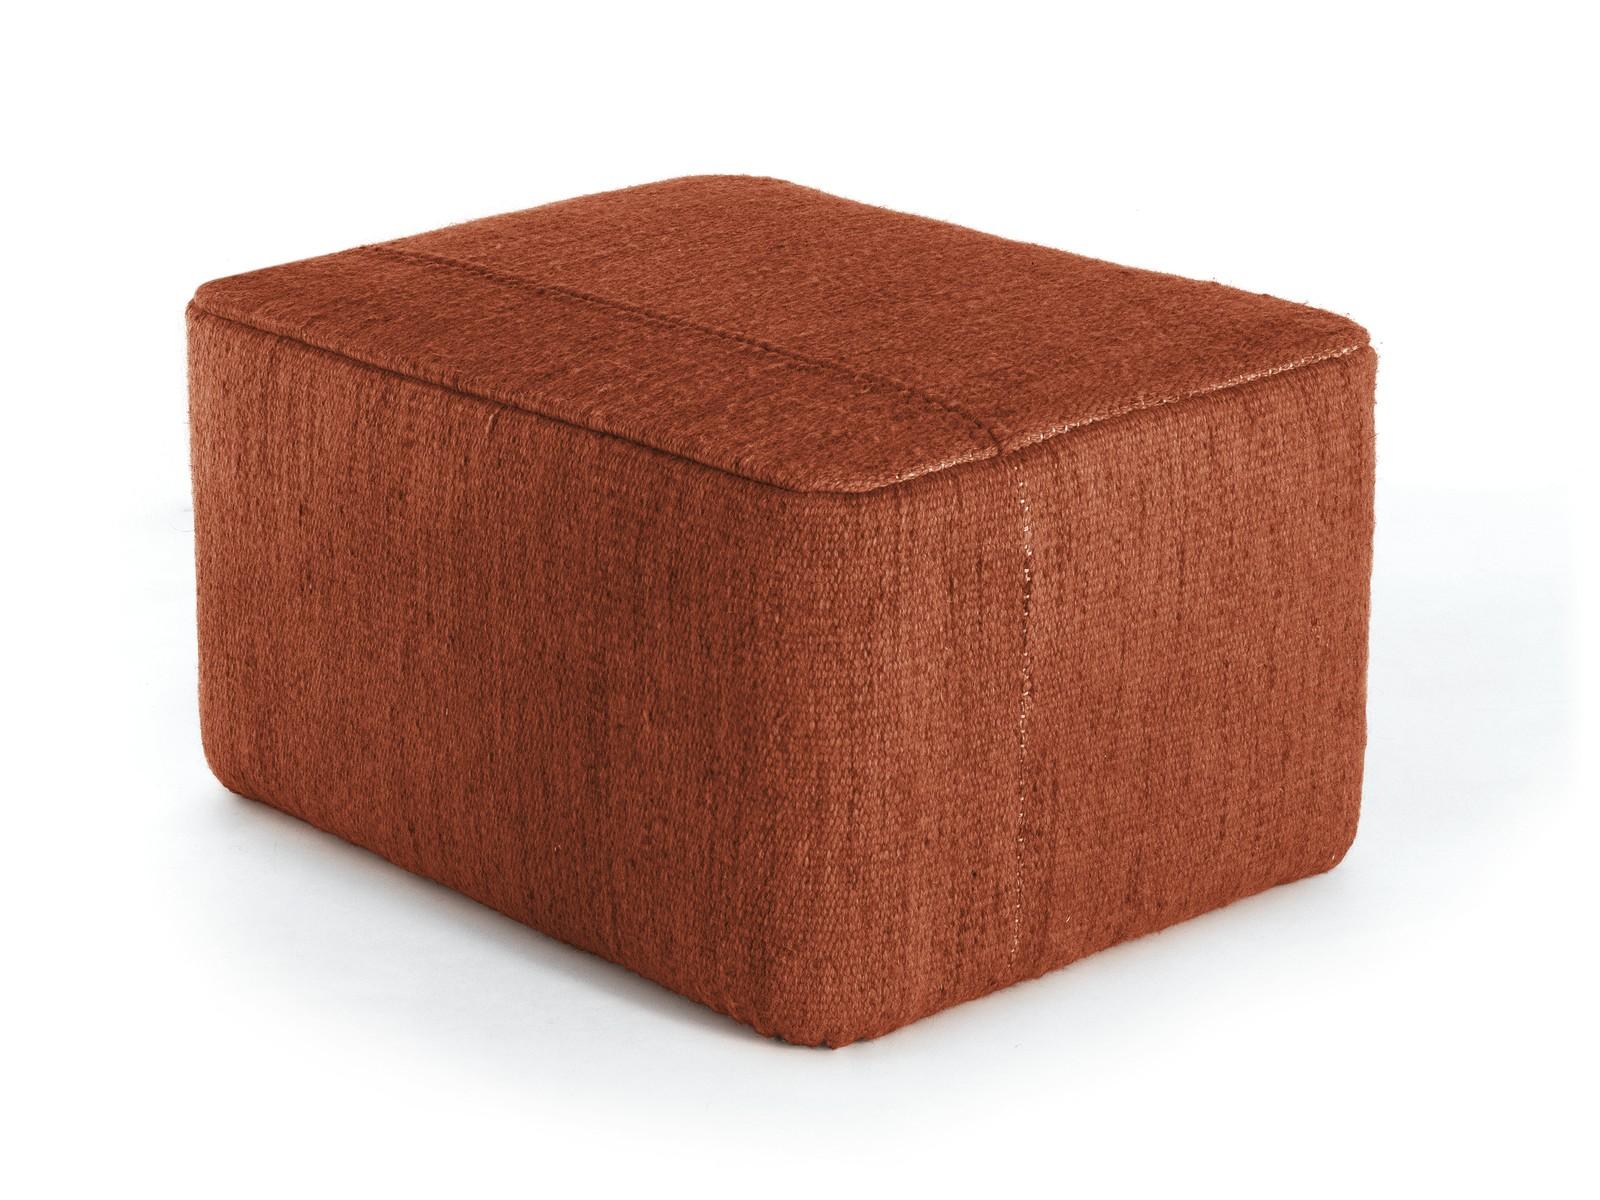 Mi a Pouf Brick